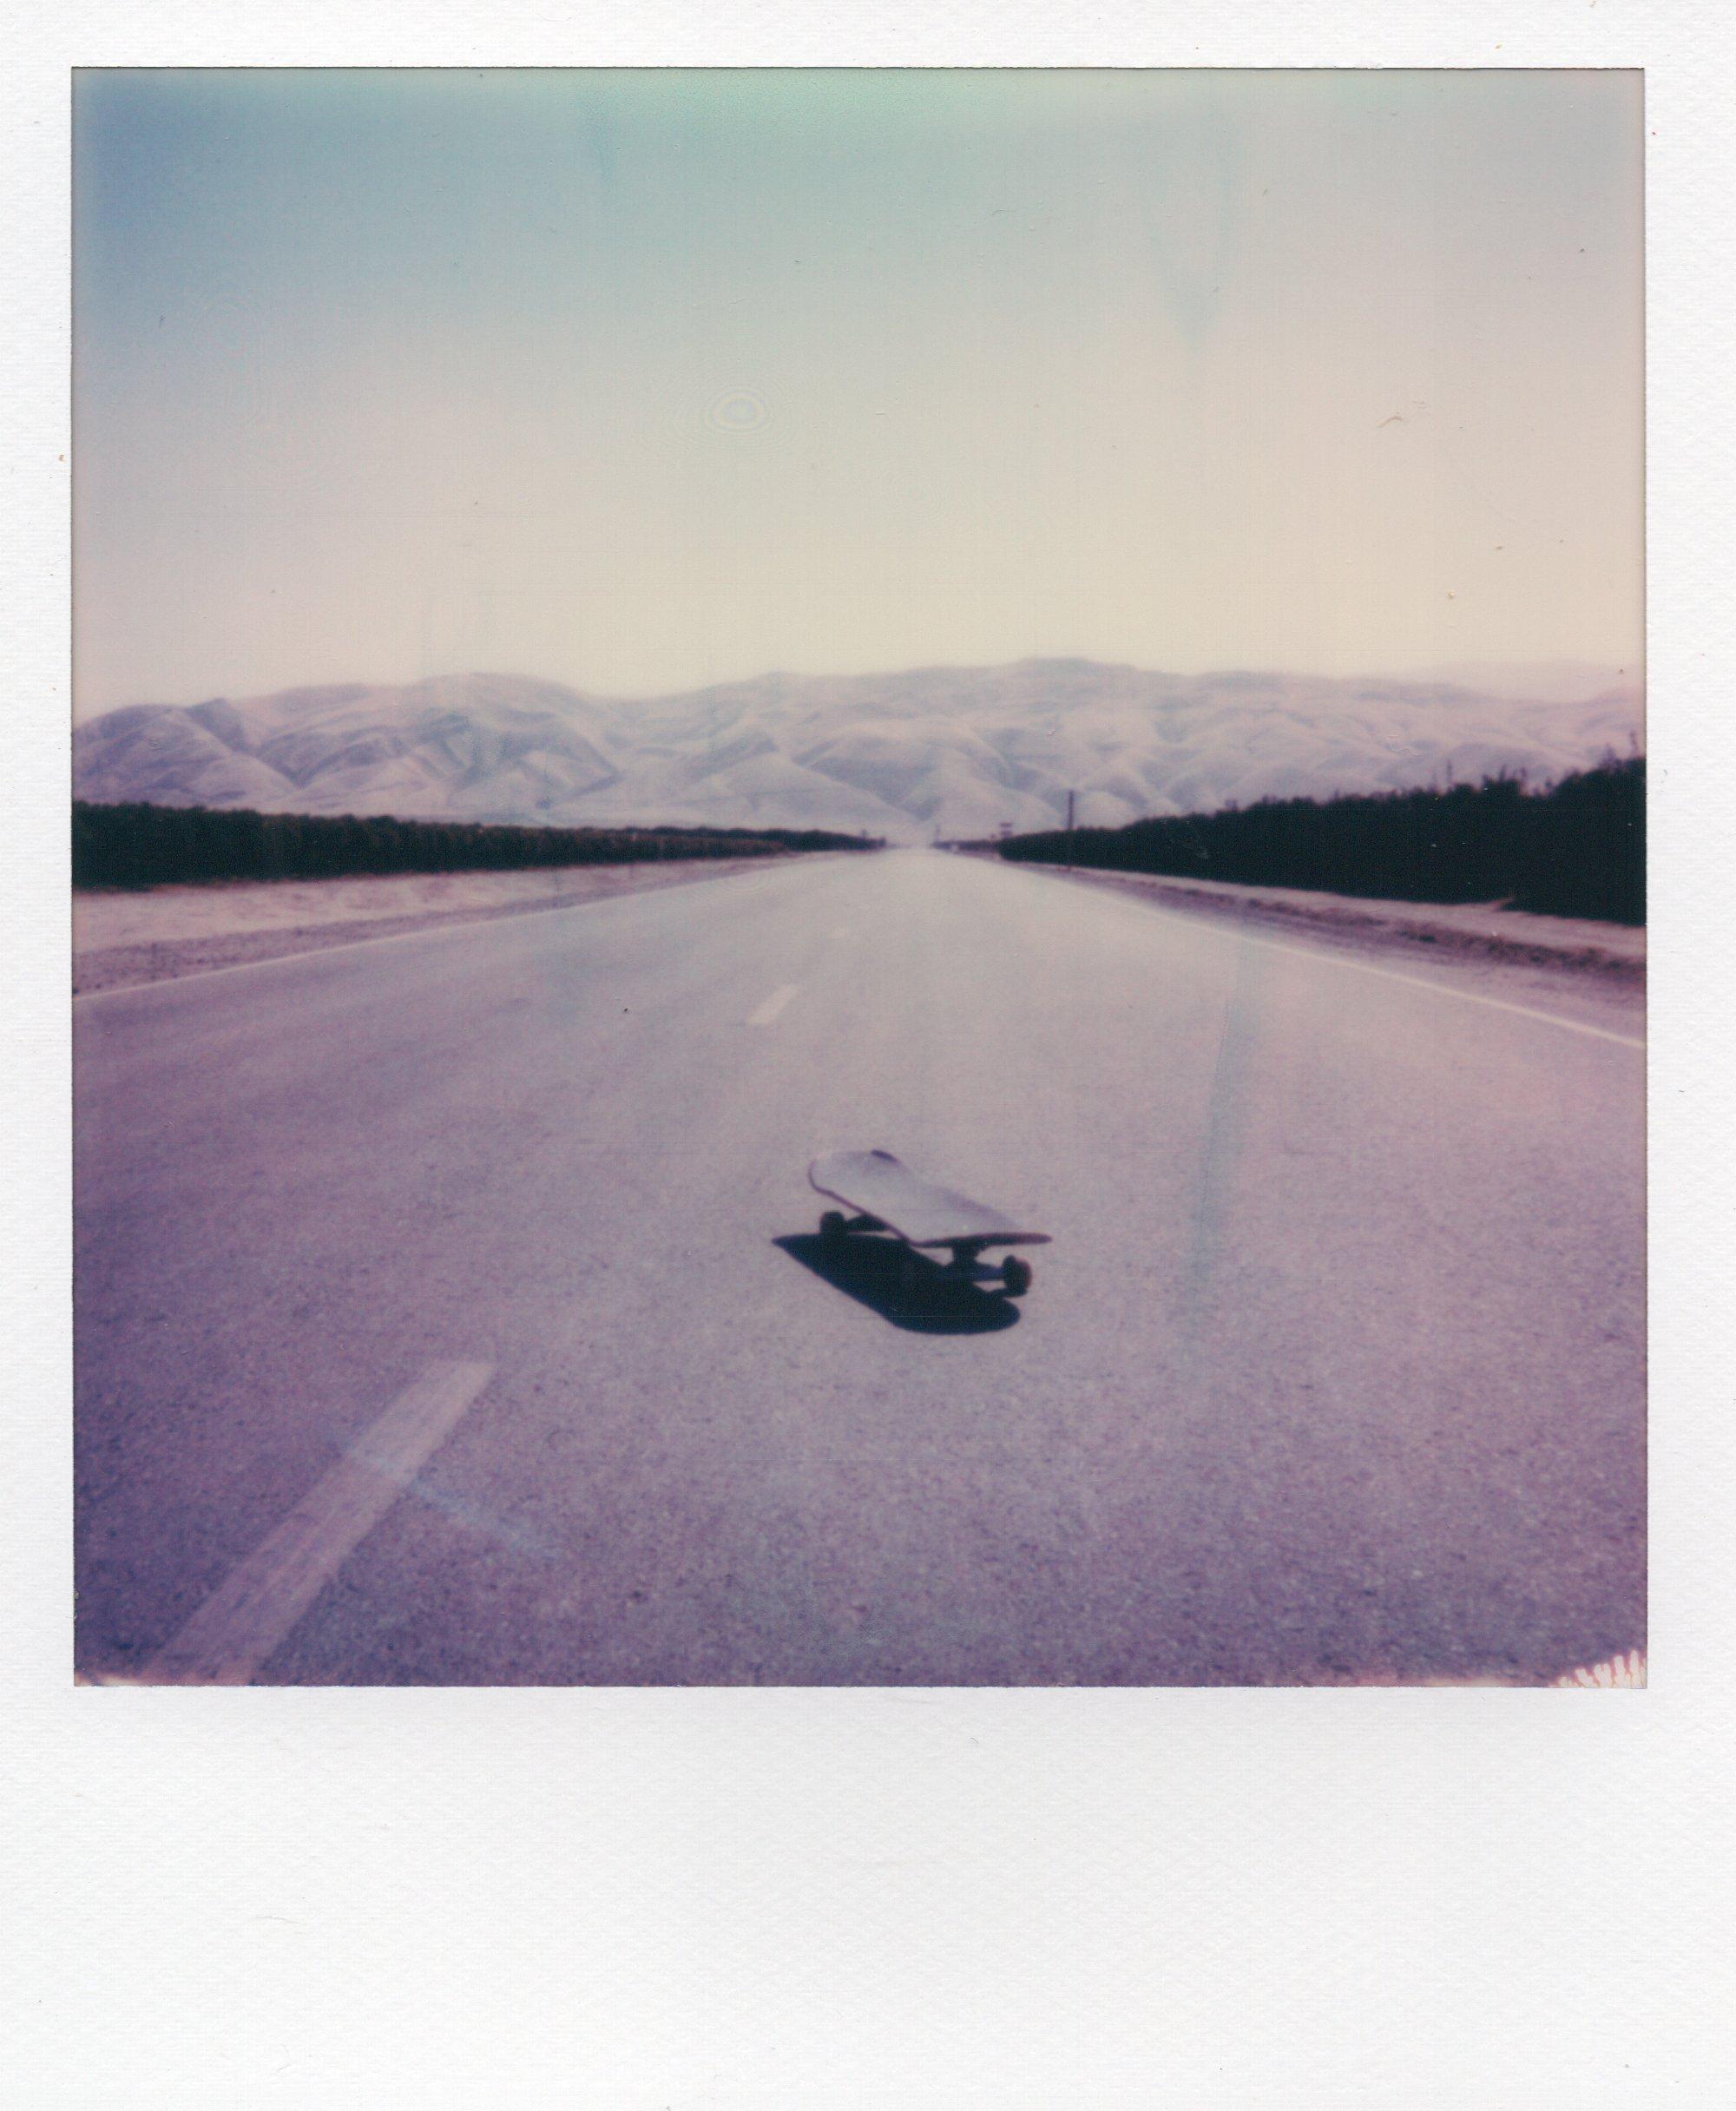 Grant-Polaroids0020.jpg